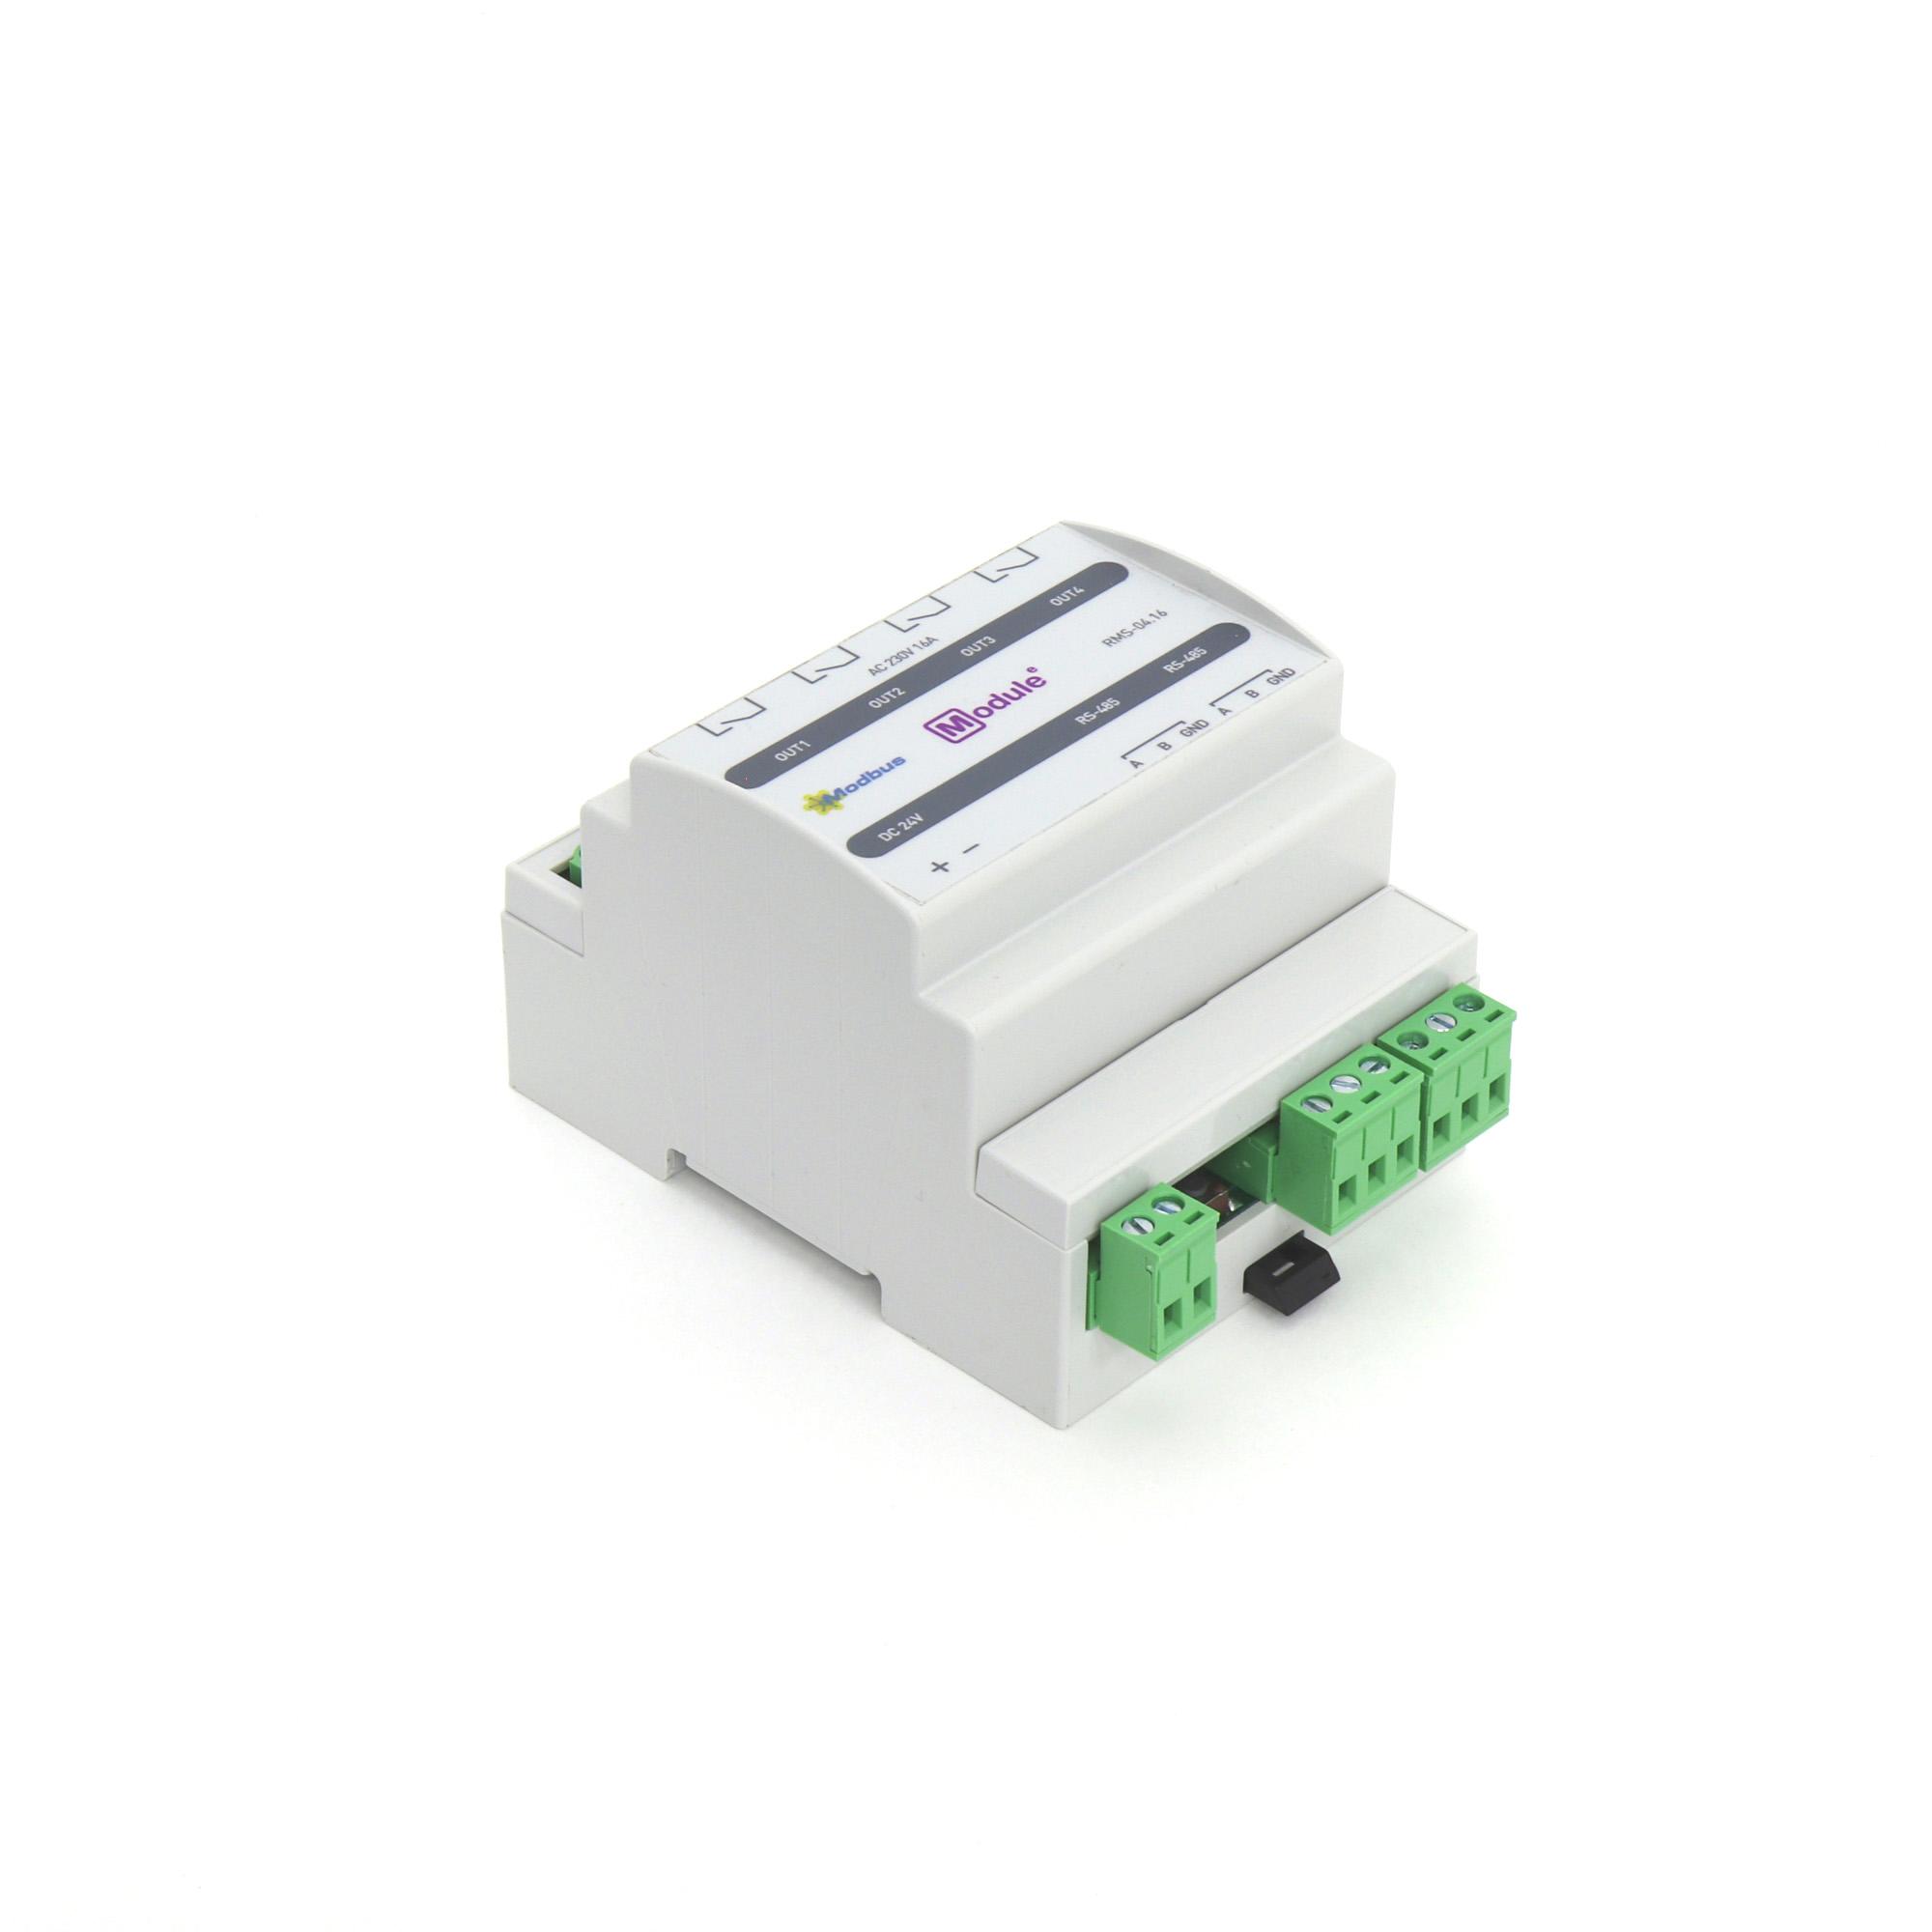 RMS-04.16, Modbus модуль дискретного вывода, 4 канала 16А